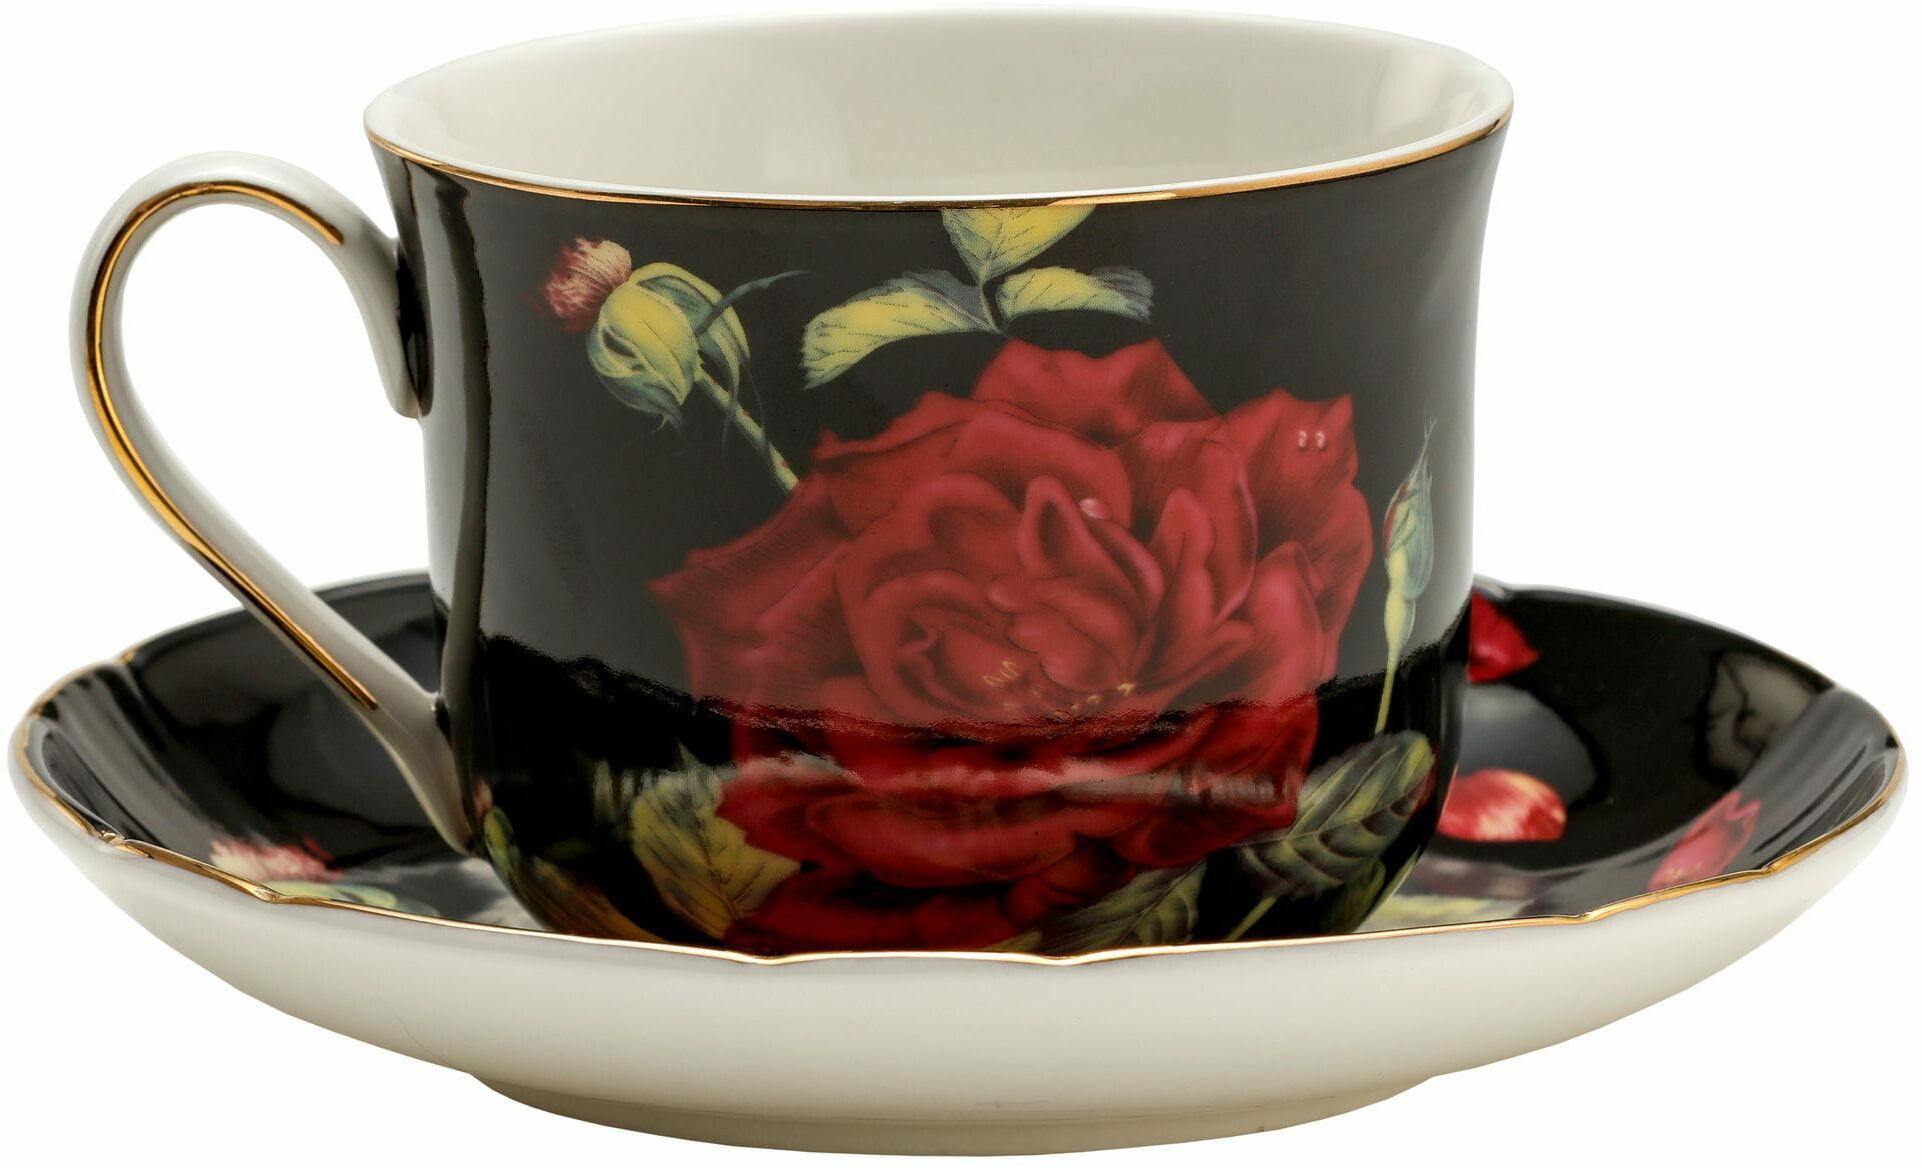 P4Y, duża filiżanka śniadaniowa RED ROSE, czerwona róża